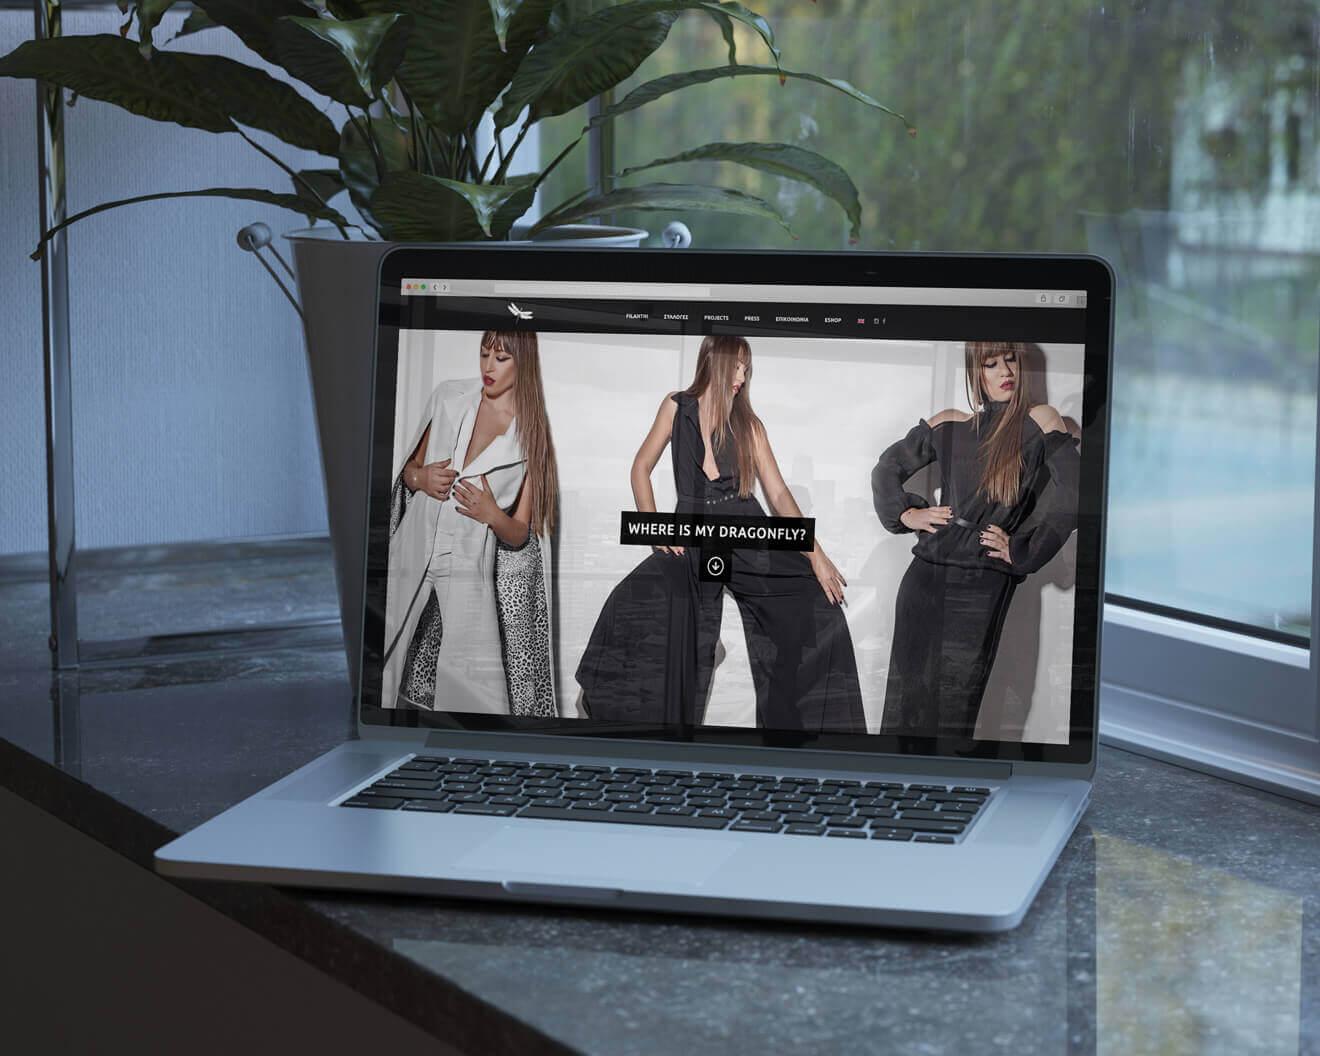 Κατασκευή ιστοσελίδας από την Force Web για τη σχεδιάστρια μόδας Φιλάνθη Μπογέα